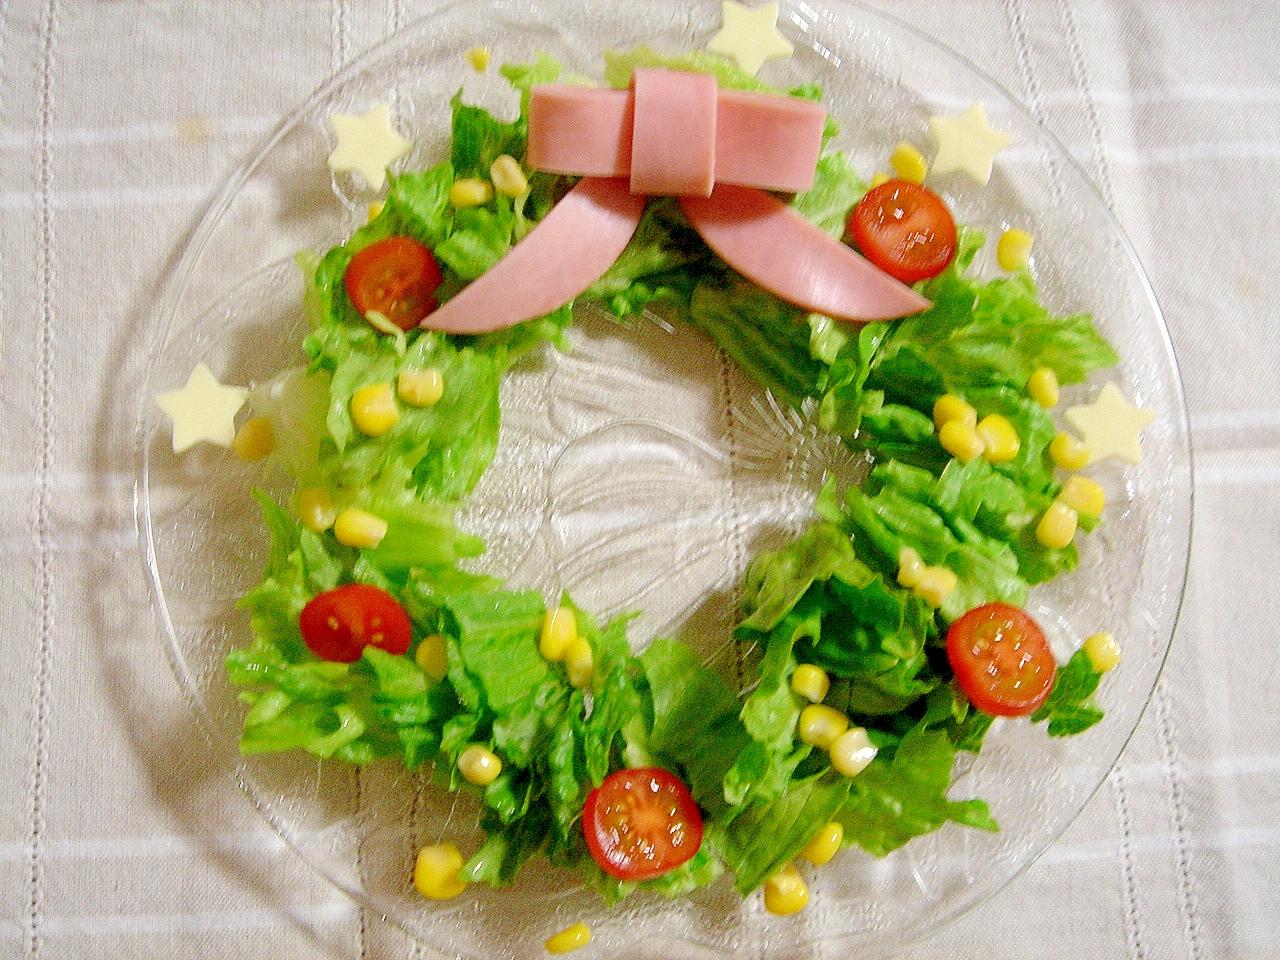 リースでかわいいサラダ